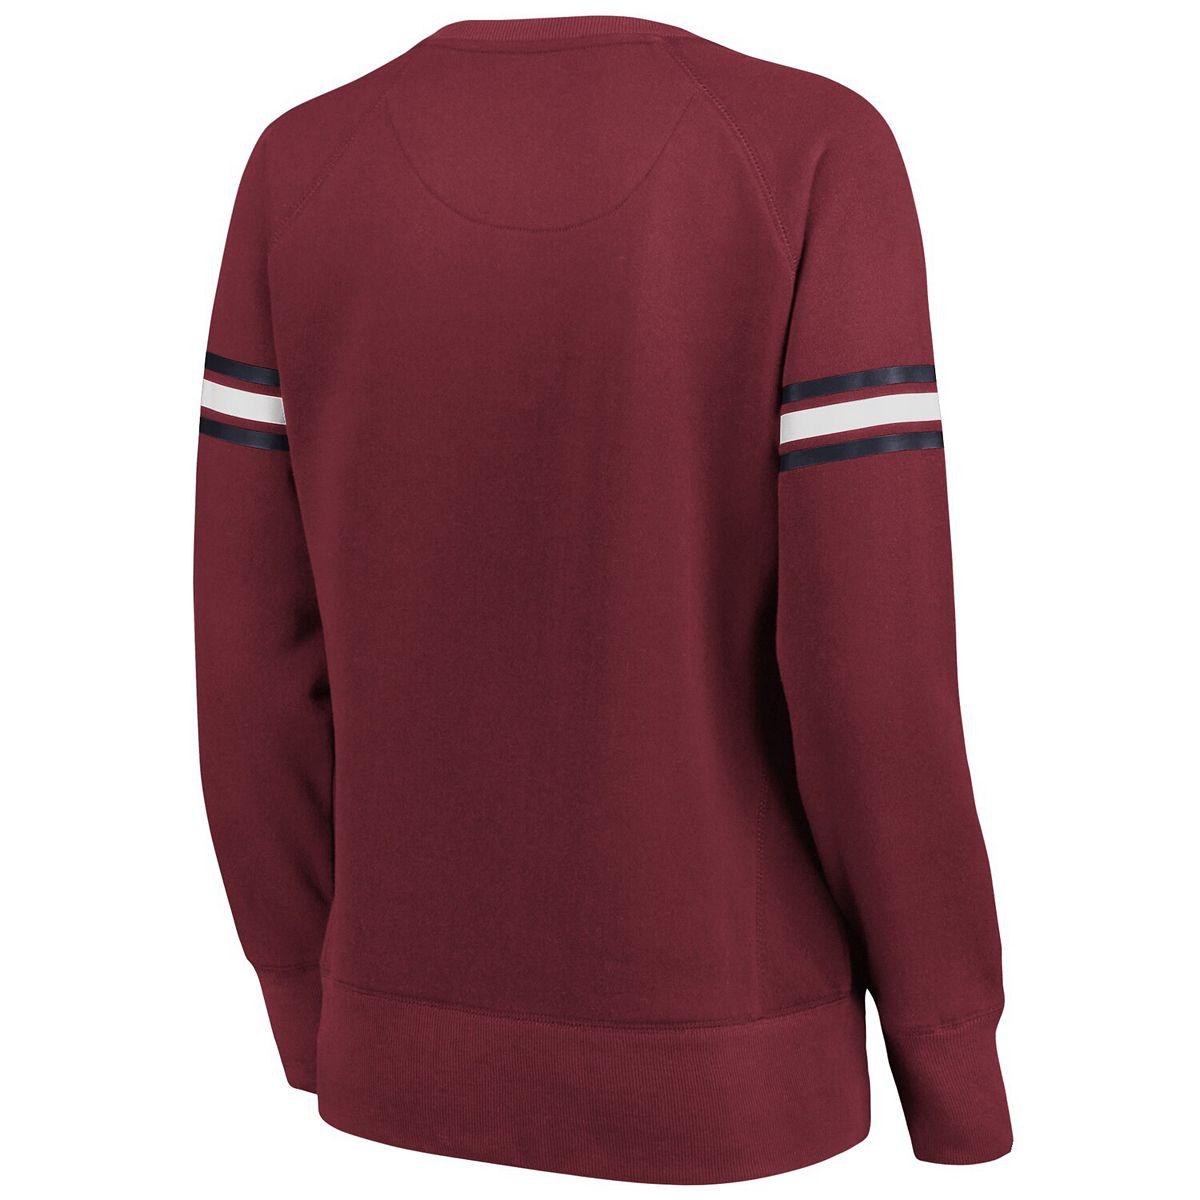 Women's Fanatics Branded Maroon Cleveland Cavaliers Team Arch Raglan Fleece Sweater k5bDU